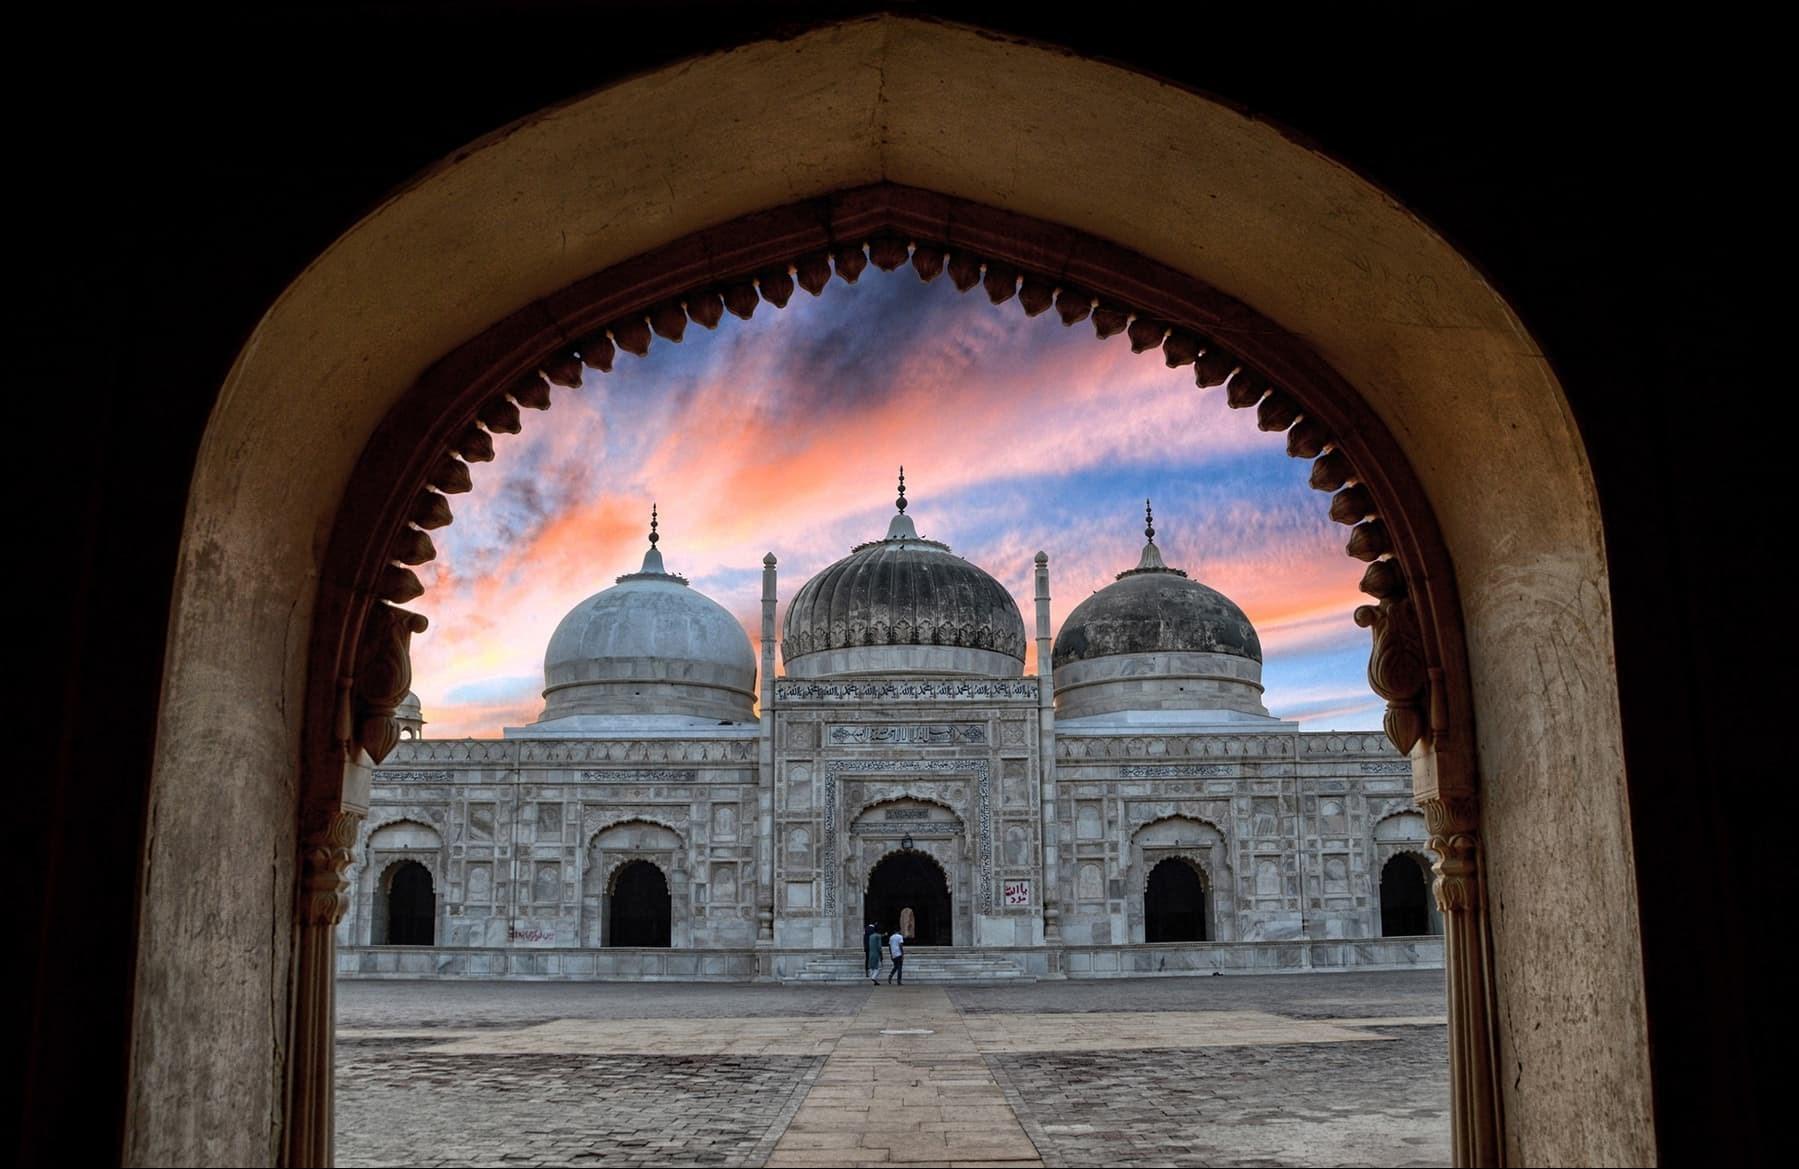 1394072815470419763359710 تصاویر زیبا از مکانهای دیدنی پاکستان